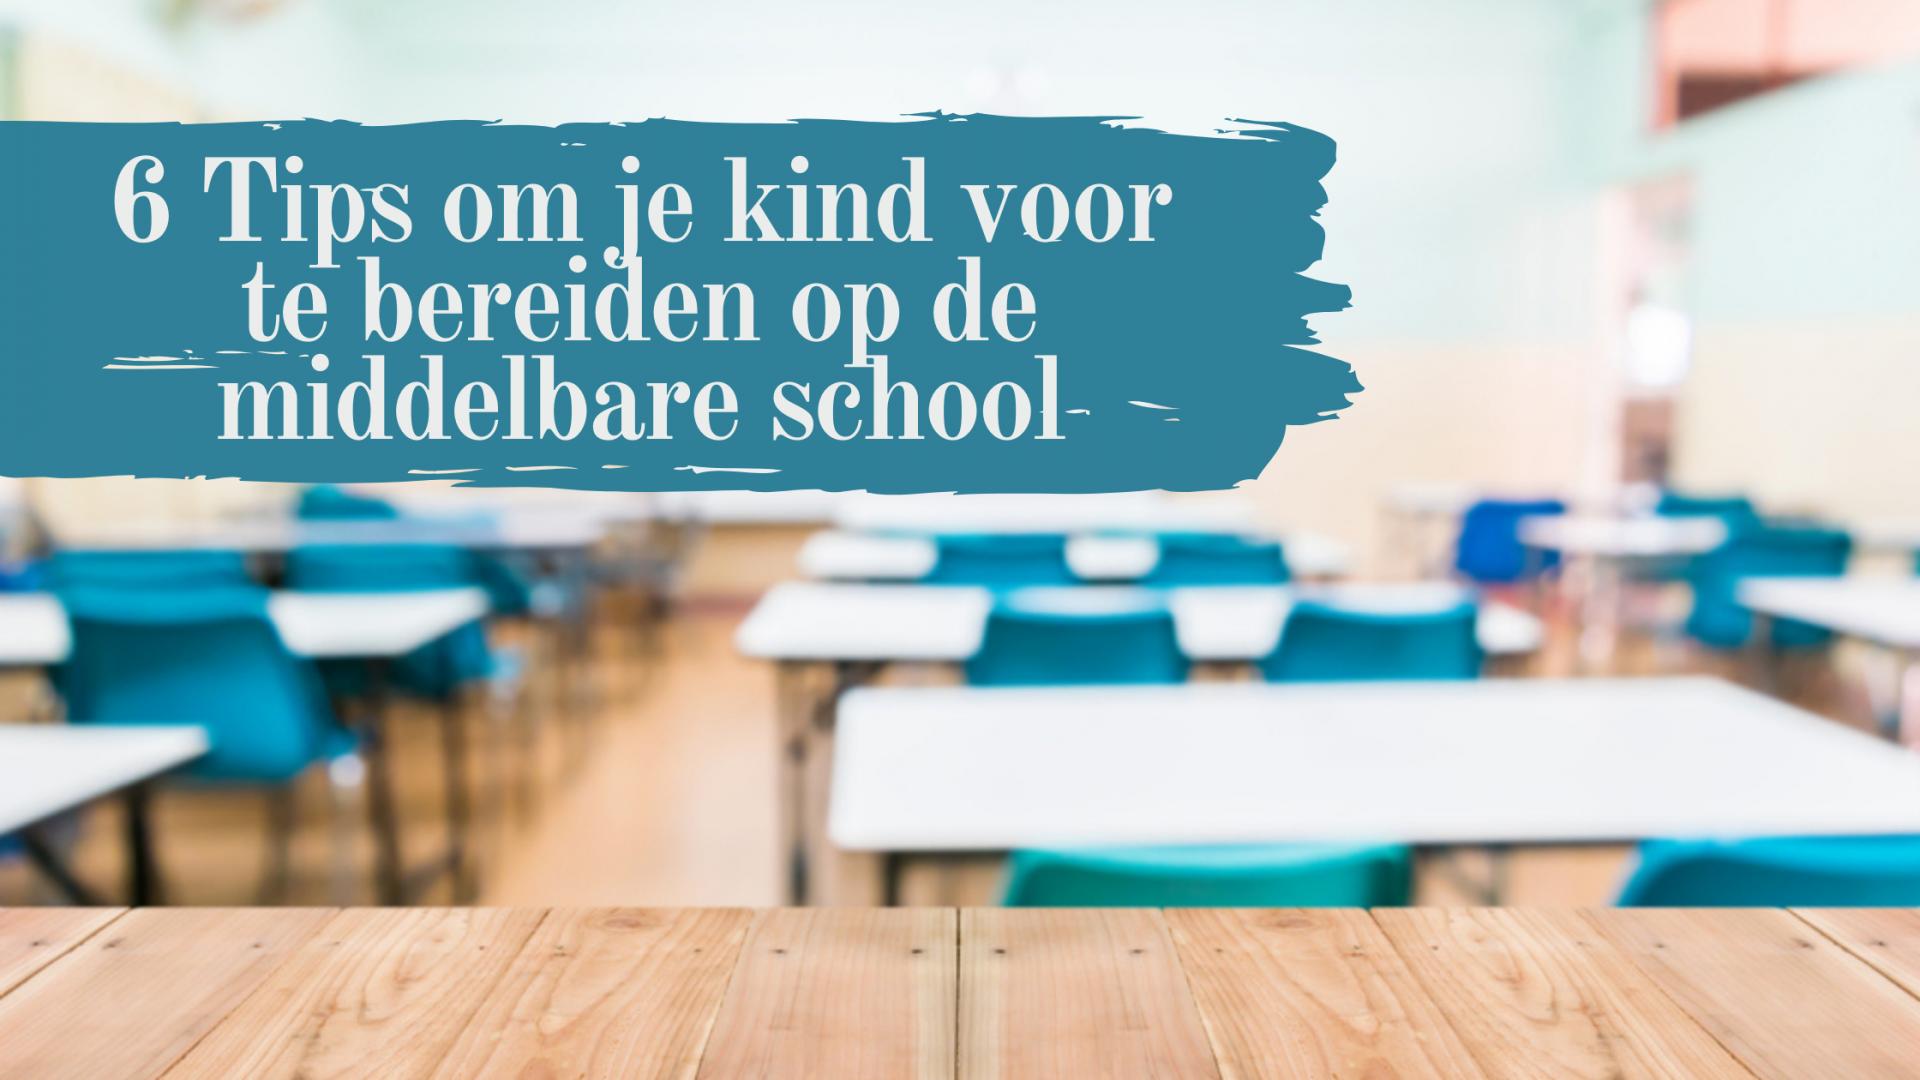 6 Tips om je kind voor te bereiden op de middelbare school